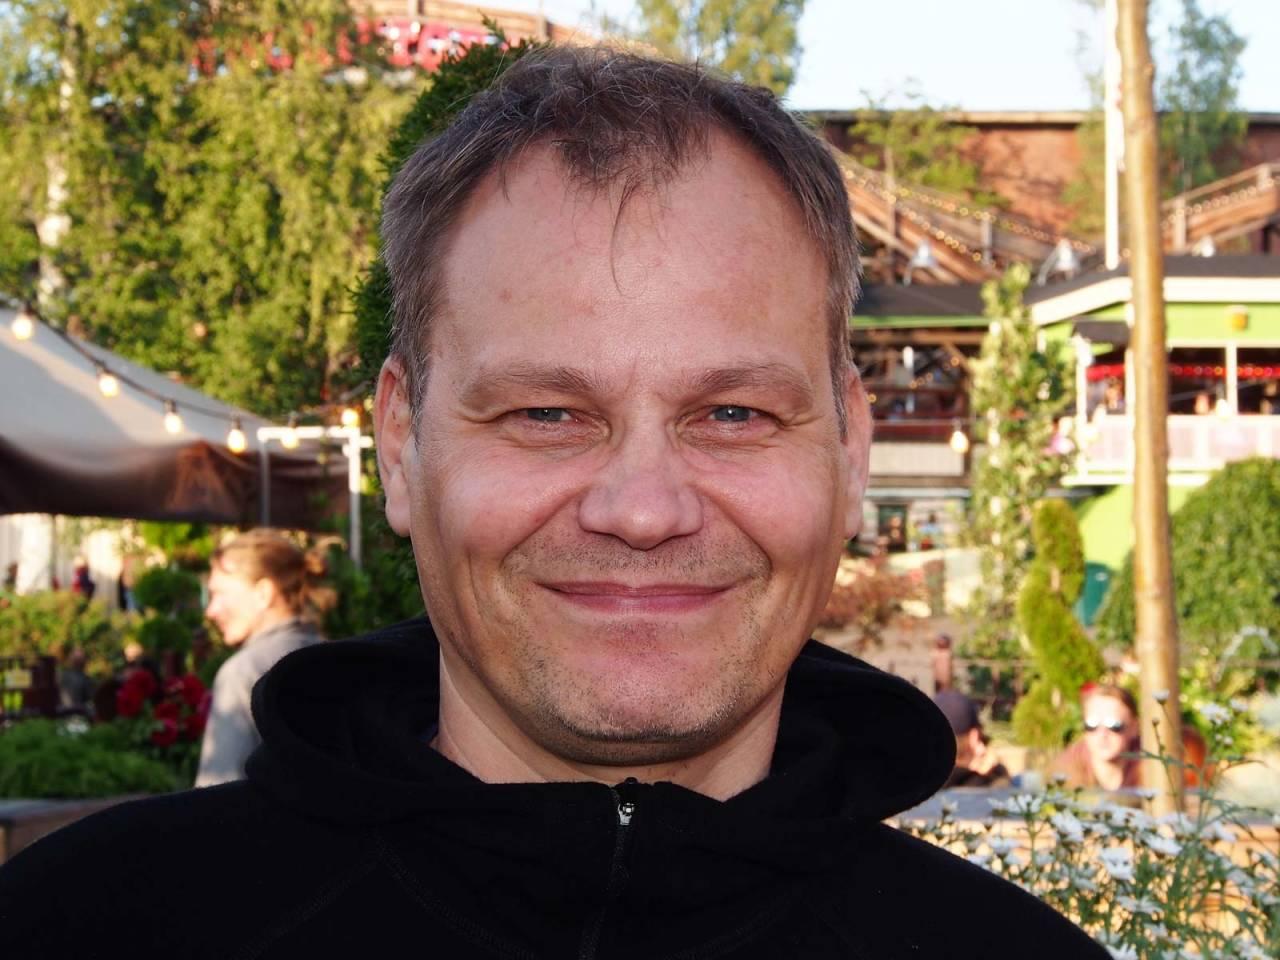 Klatrelegende: Henrik Suihkonen, Finlands beste klatrer gjennom mange år og grunnleggeren av Kiipeily Areena. Nå er han daglig leder for Los Capitanos OY. FOTO: IVER GJELSTENLI